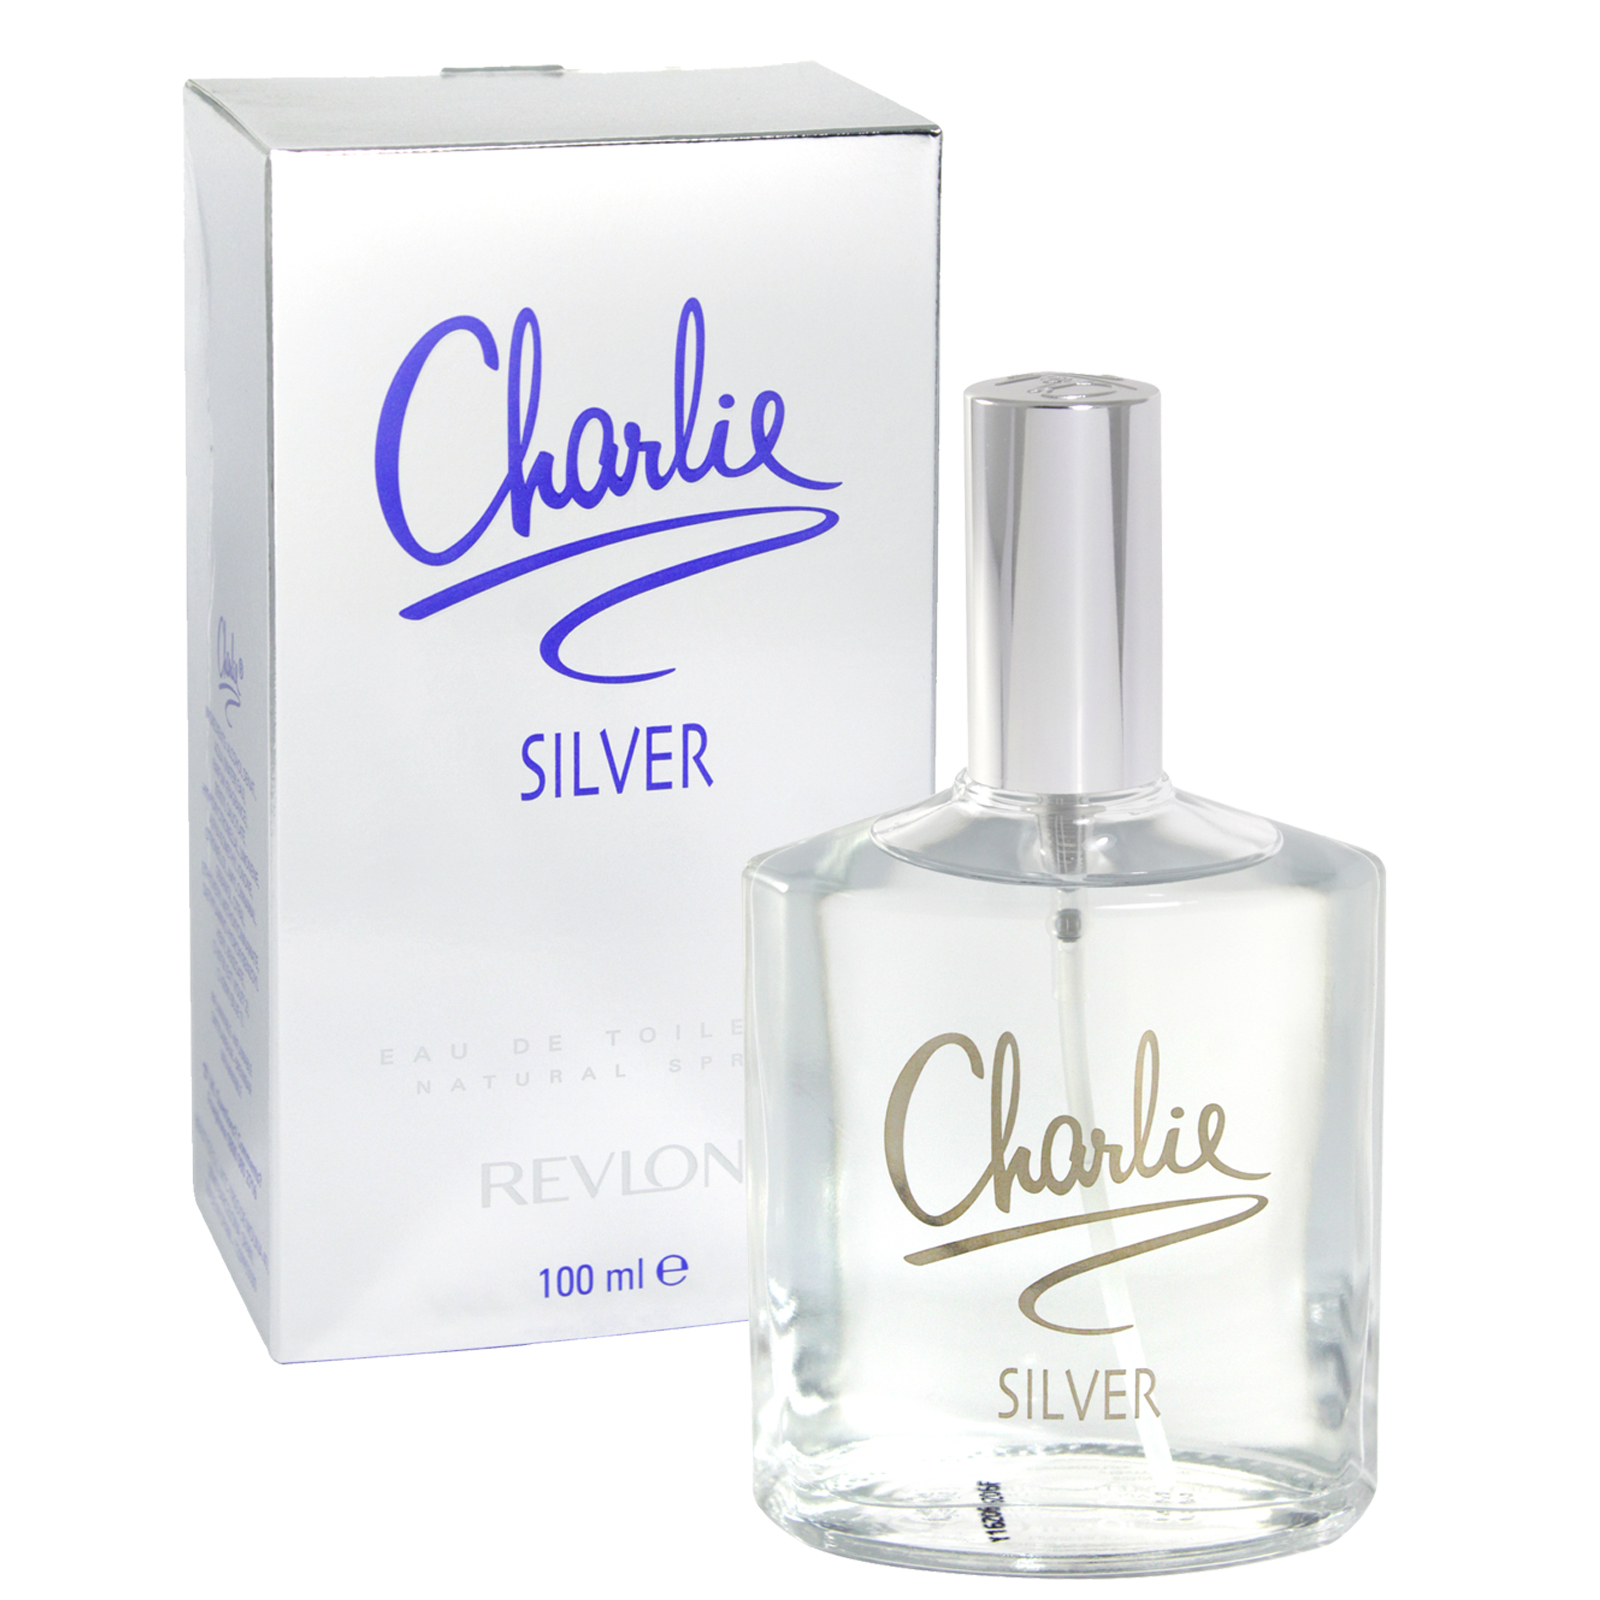 CHARLIE 100ML EDT SPRAY SILVER